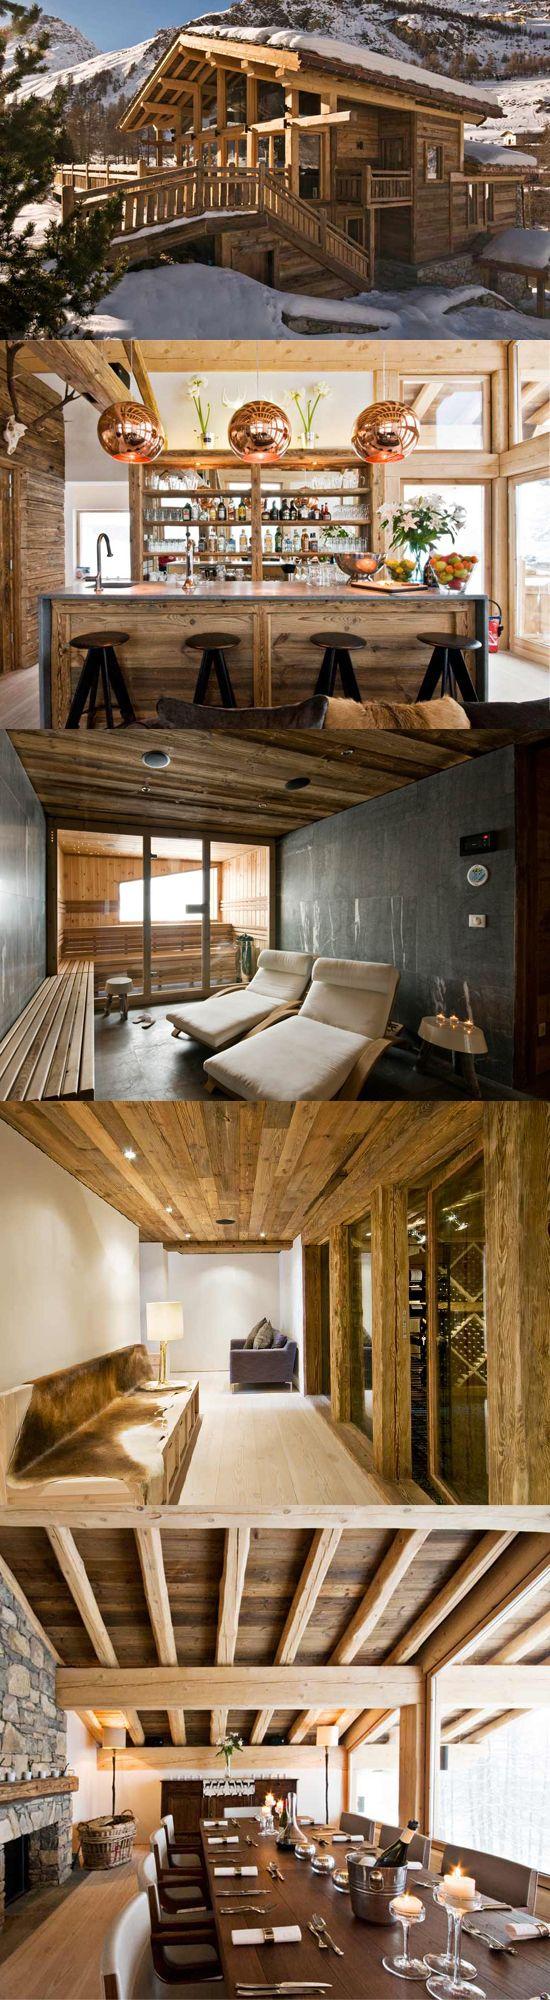 The Ski Cabin